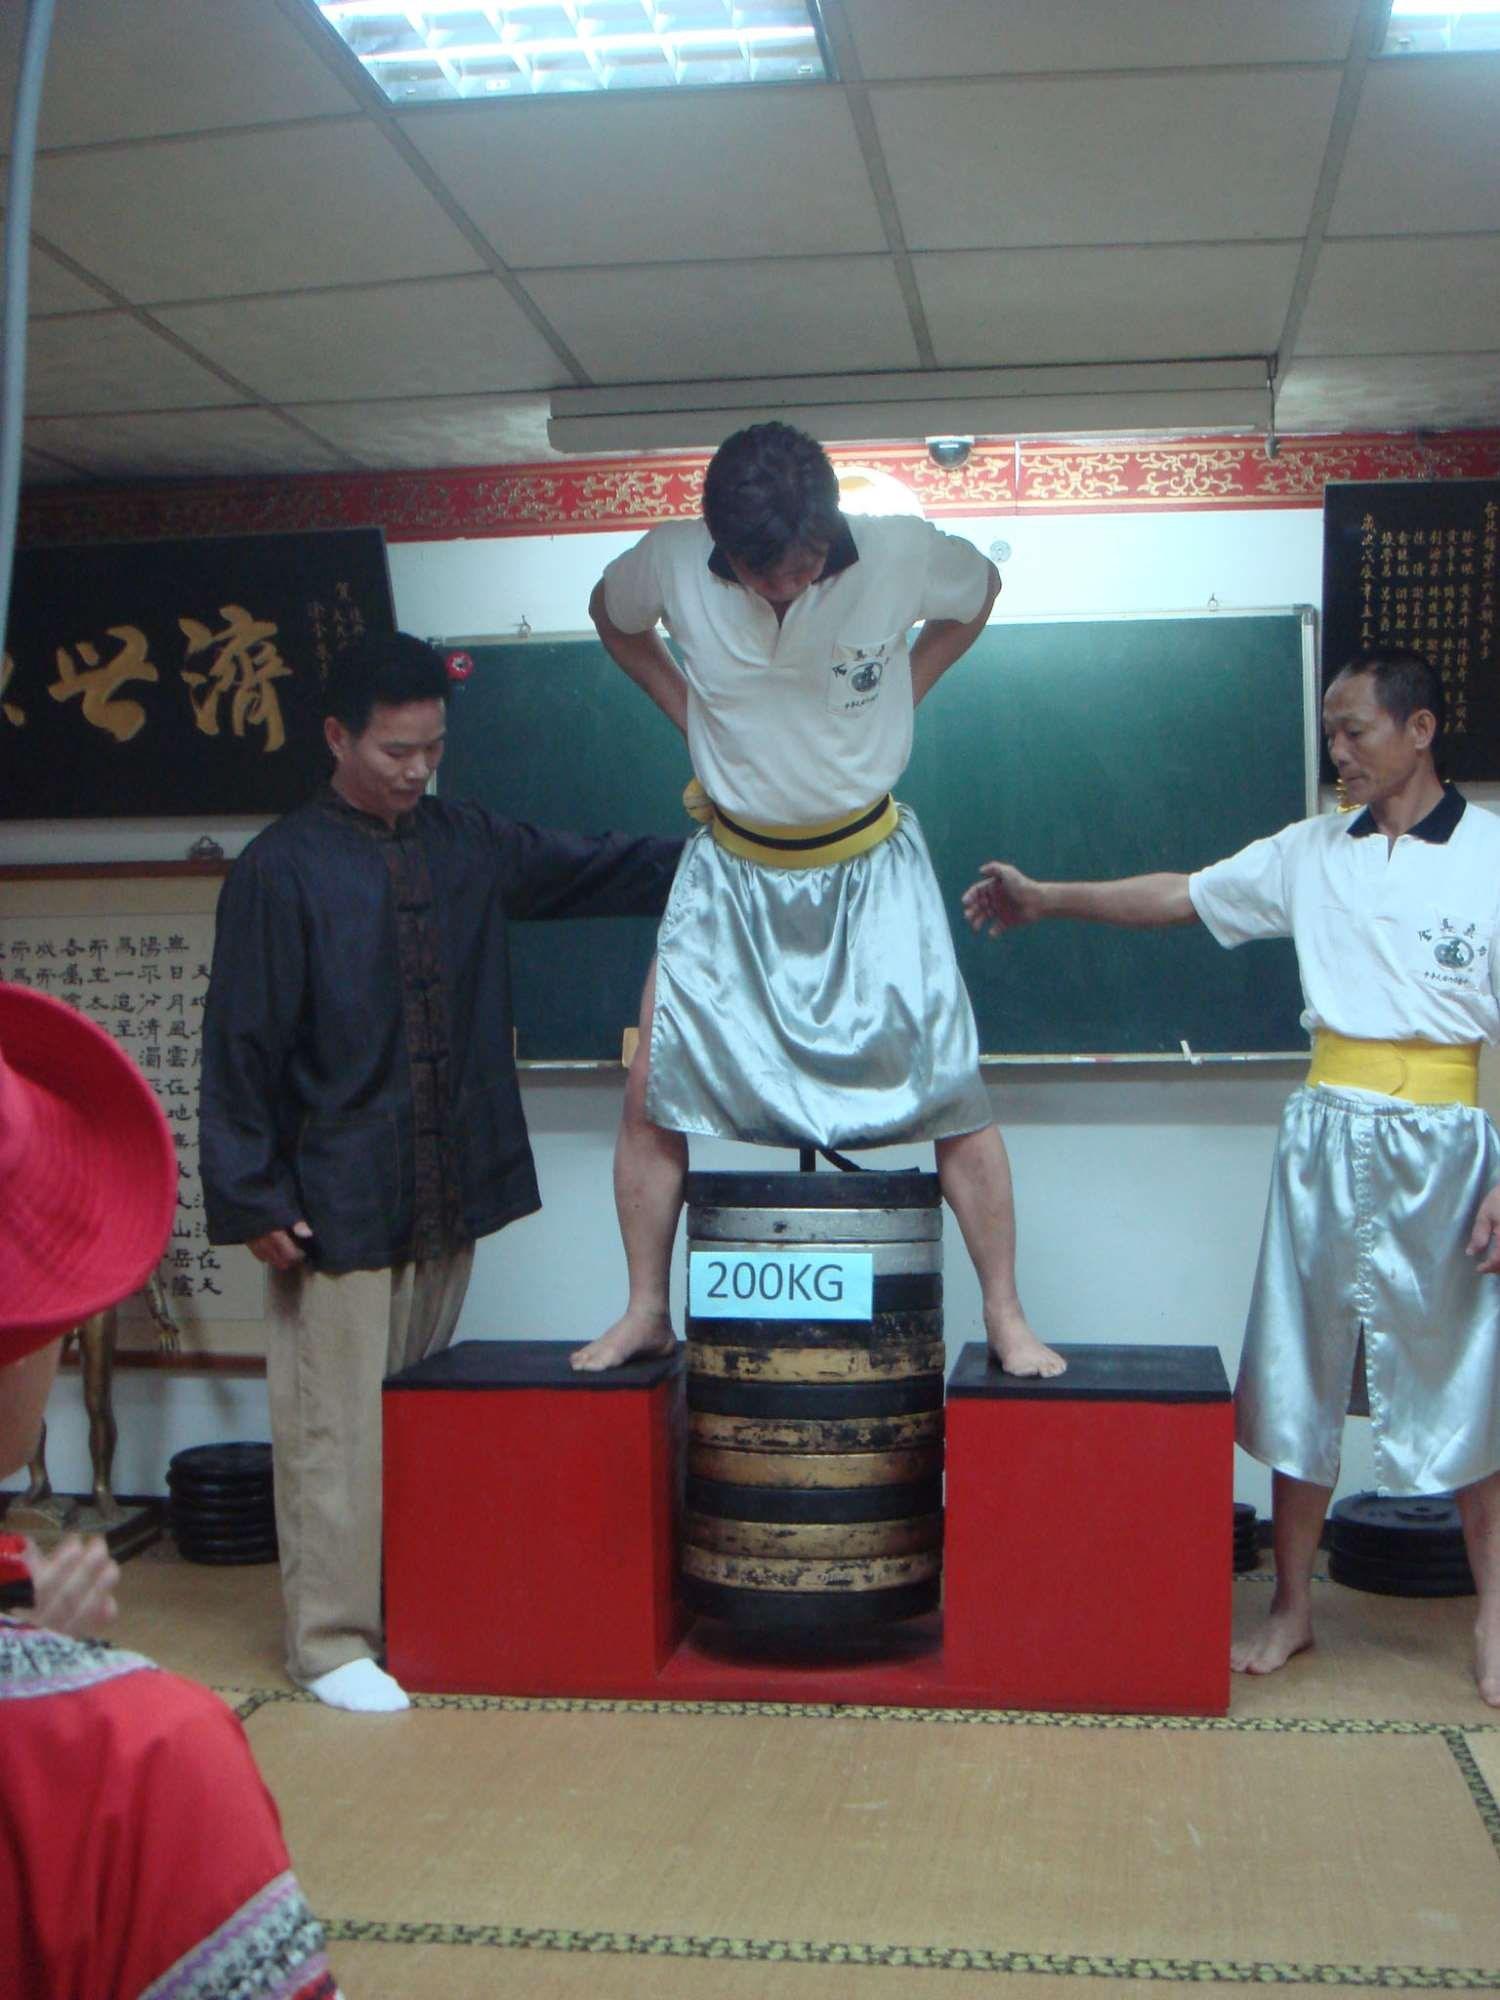 吊200公斤的黃教練.JPG